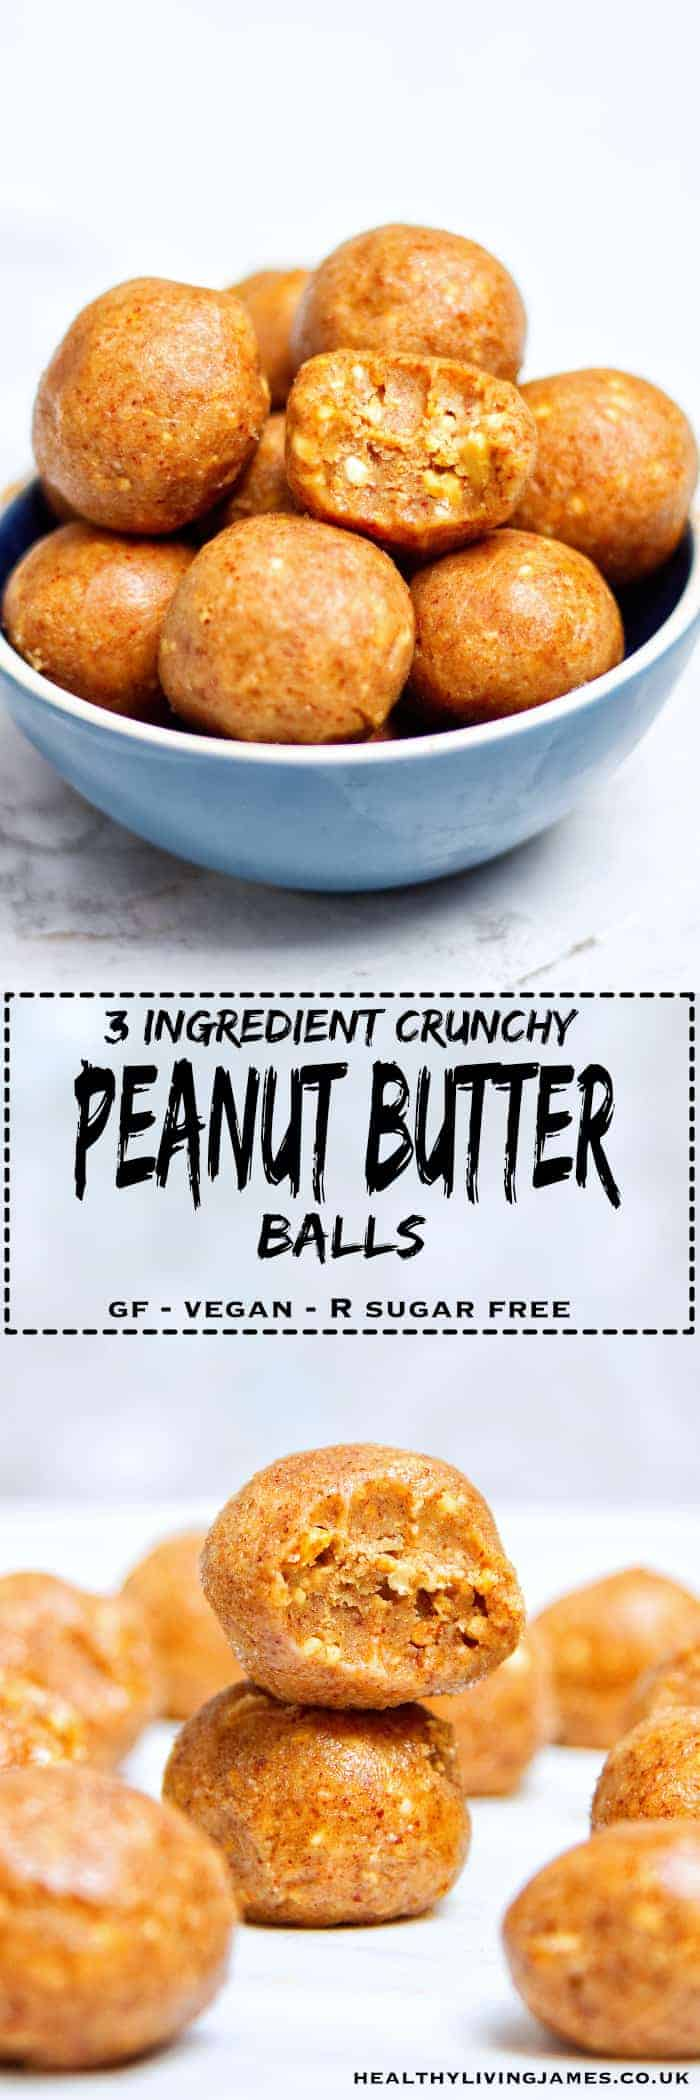 Crunchy Peanut Butter Balls - Pinterest